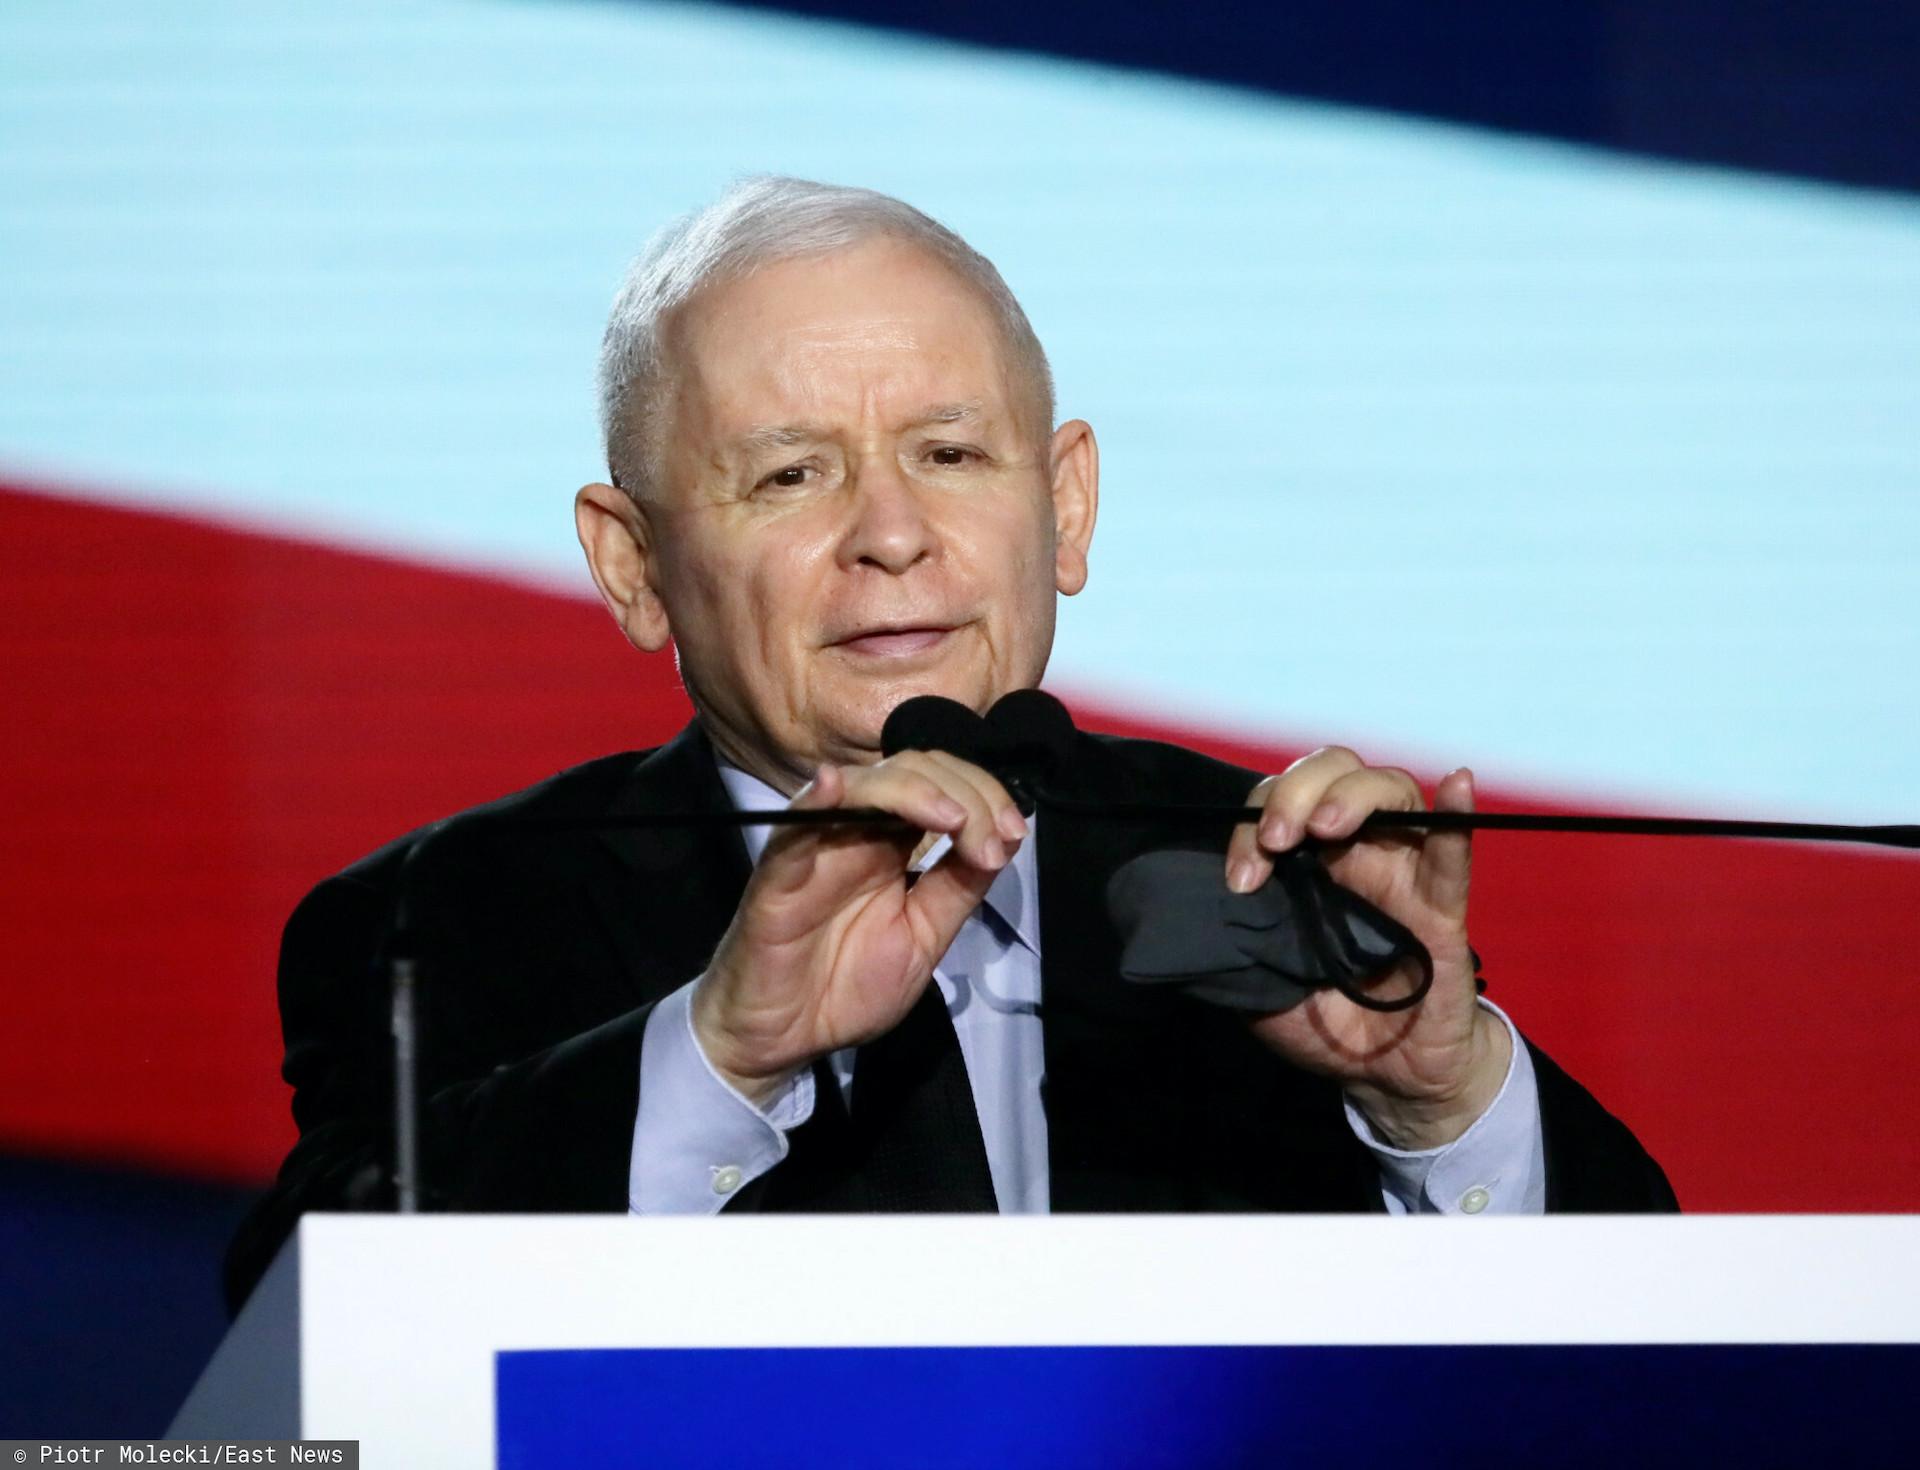 Prezesem PiS ponownie został Jarosław Kaczyński. Polityk deklaruje, że to ostatni raz